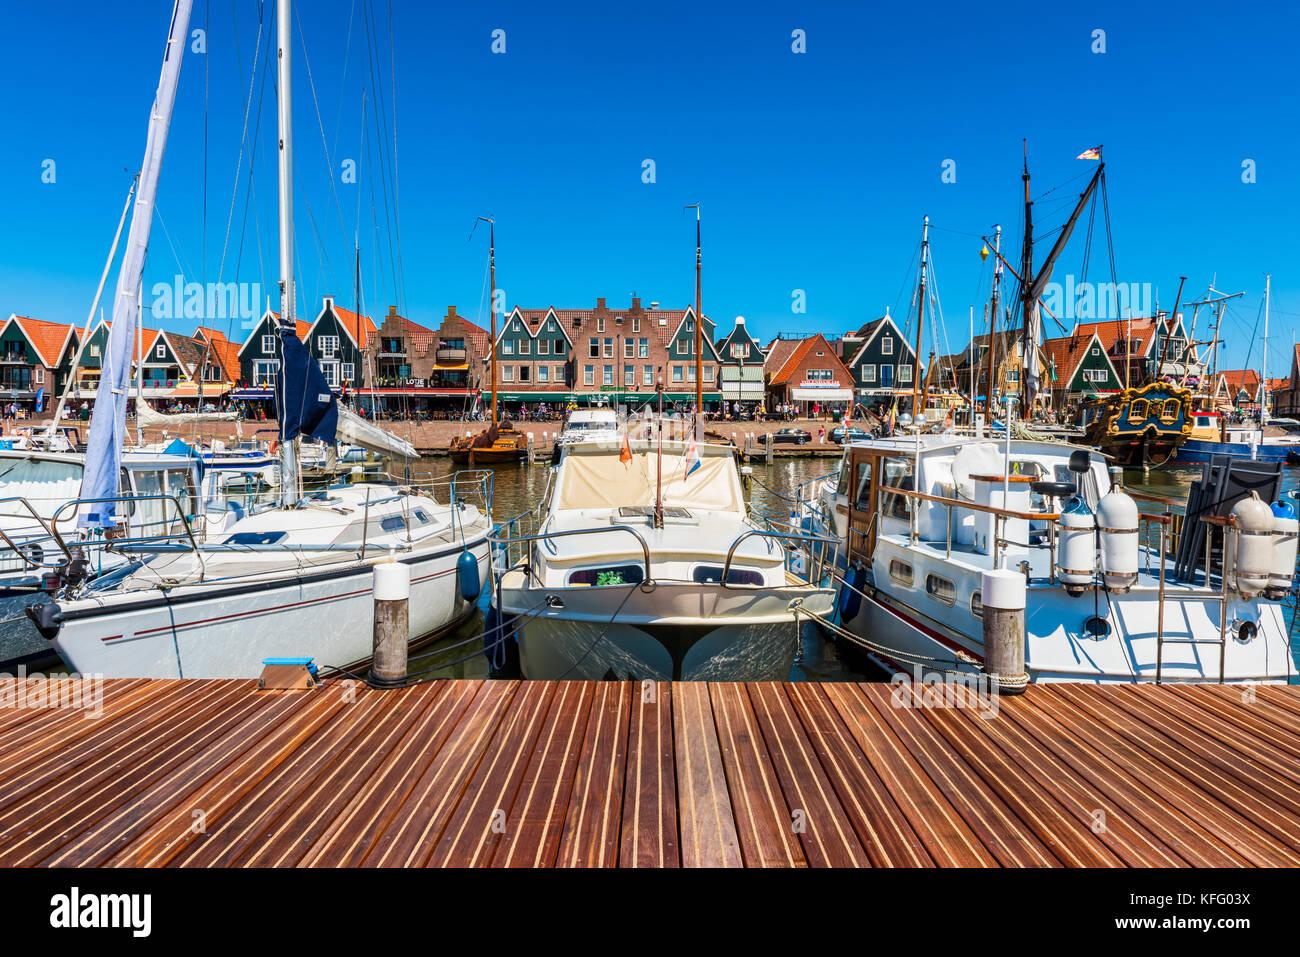 Blick auf Volendam und seiner Marina, den Niederlanden. Volendam ist ein Fischerdorf und beliebte Touristenattraktion Stockbild